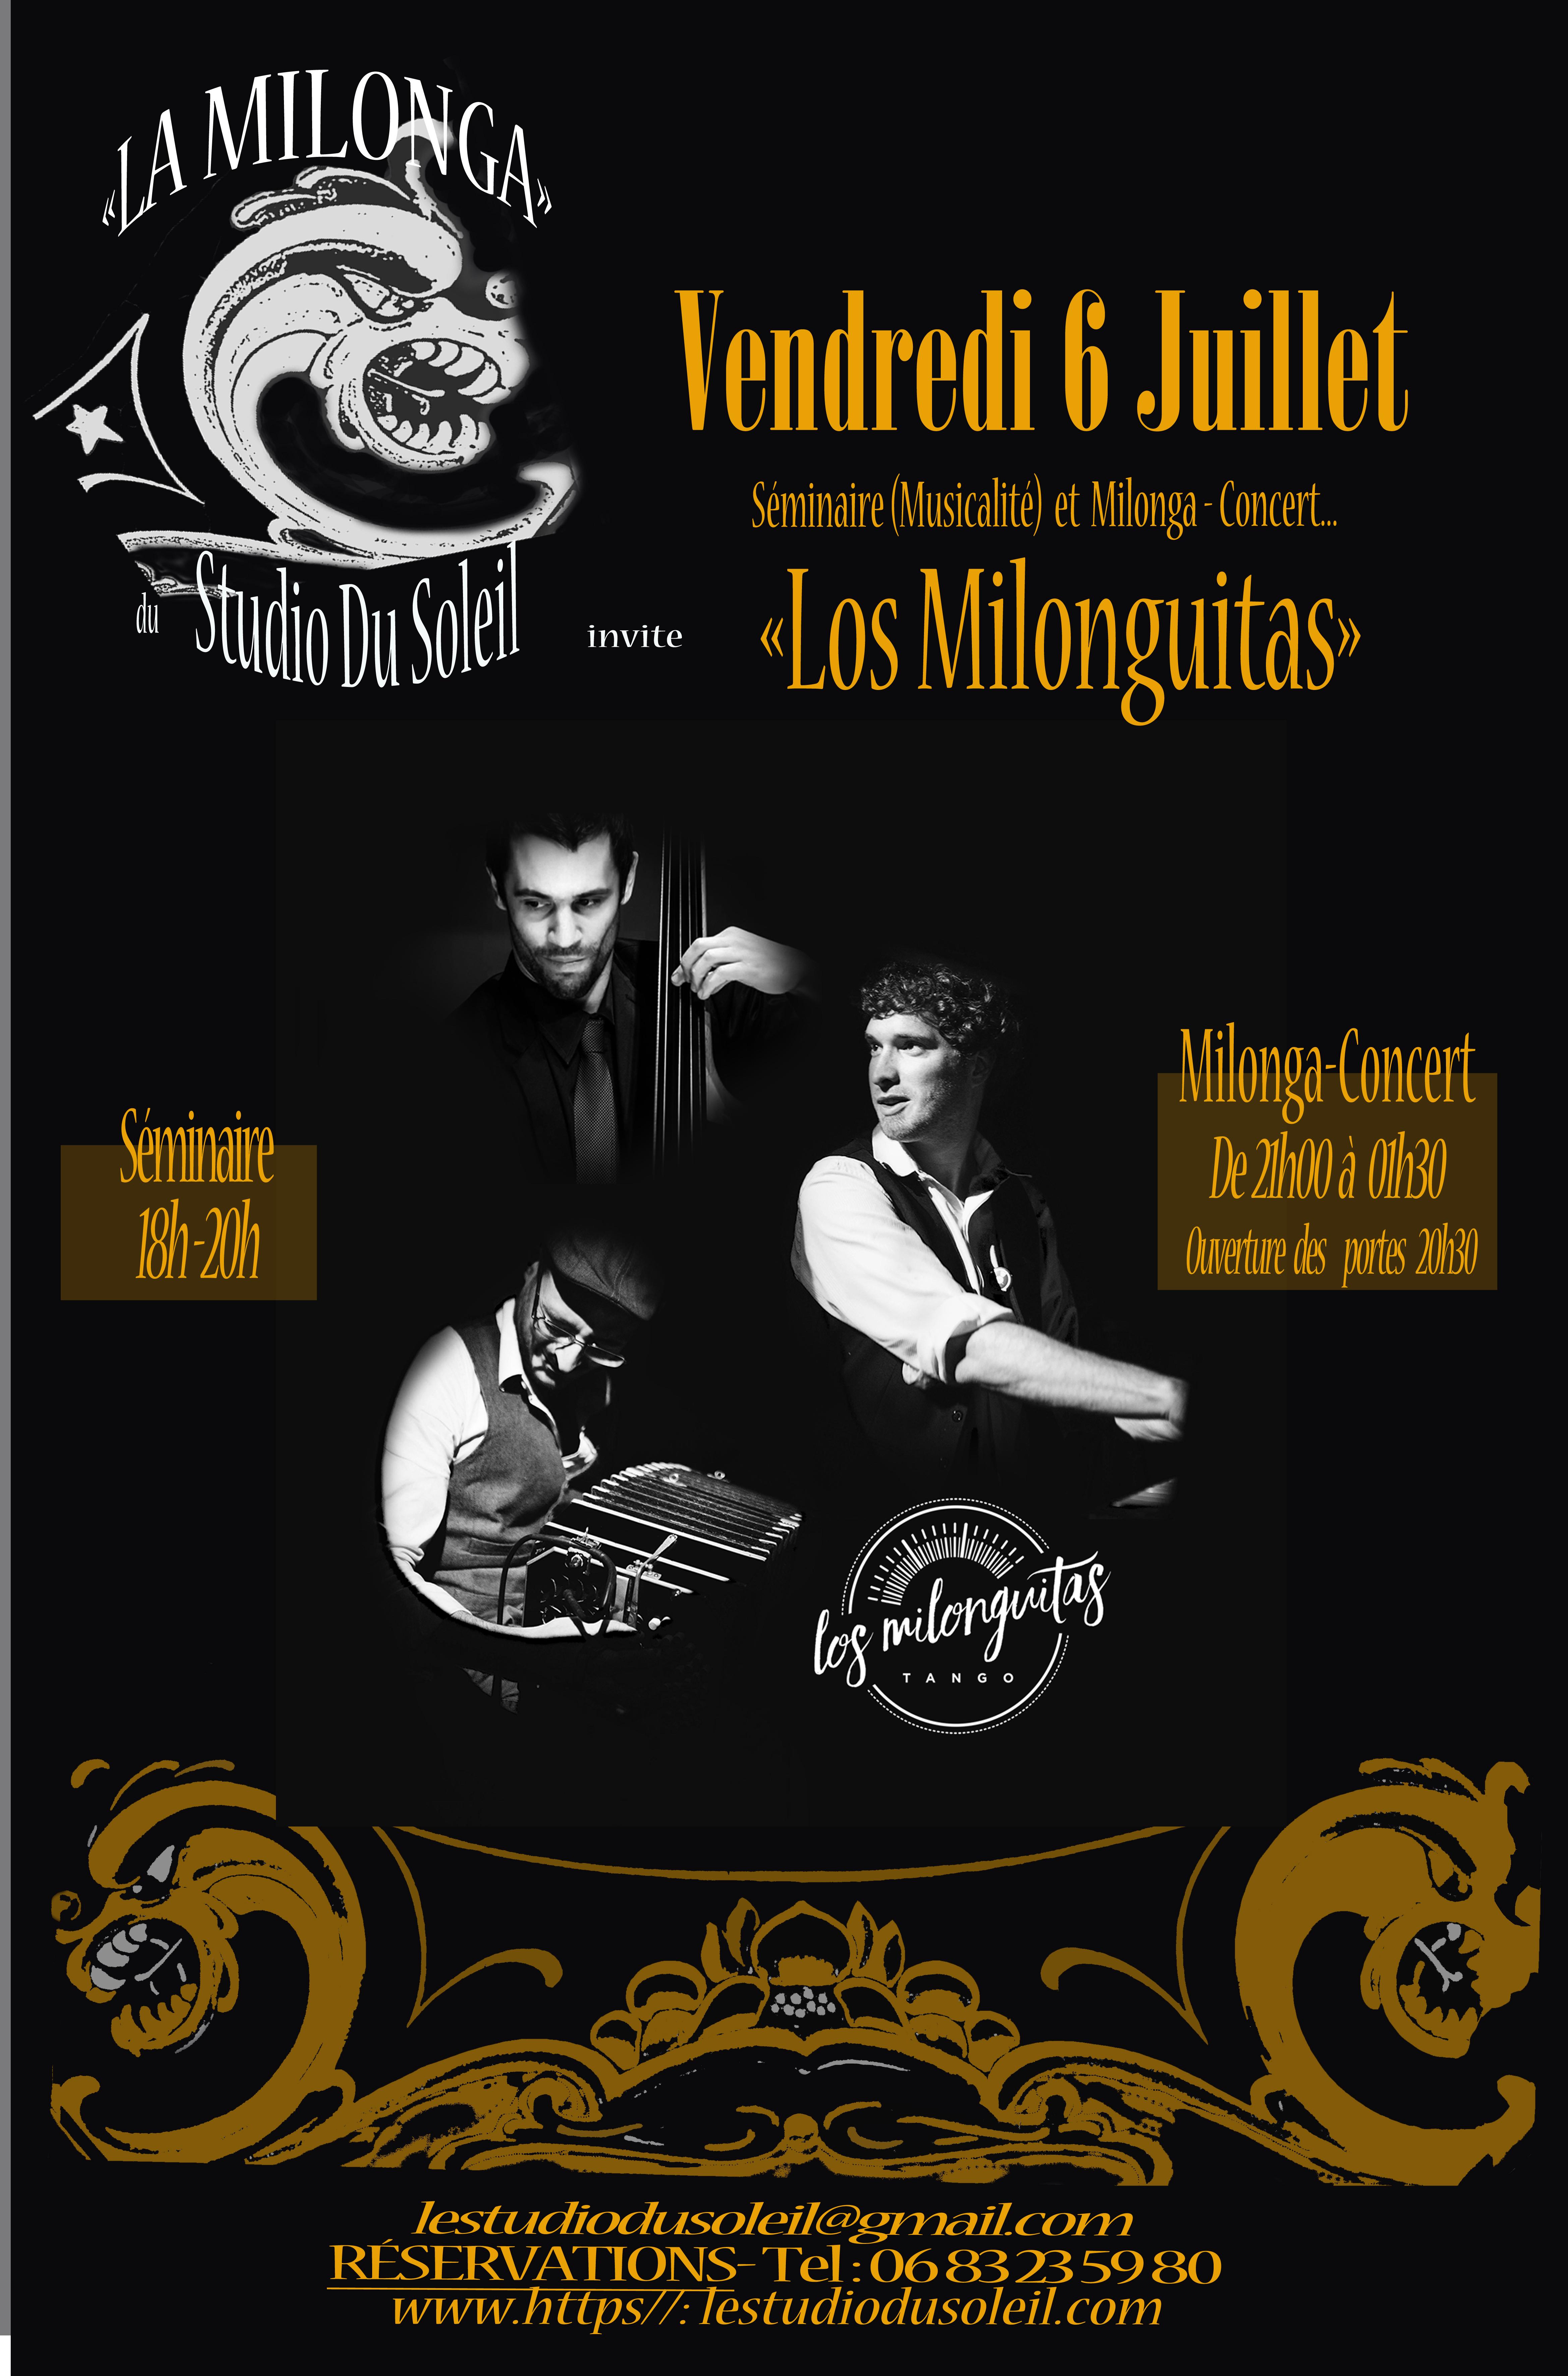 affiche milonga concert los milong.jpg